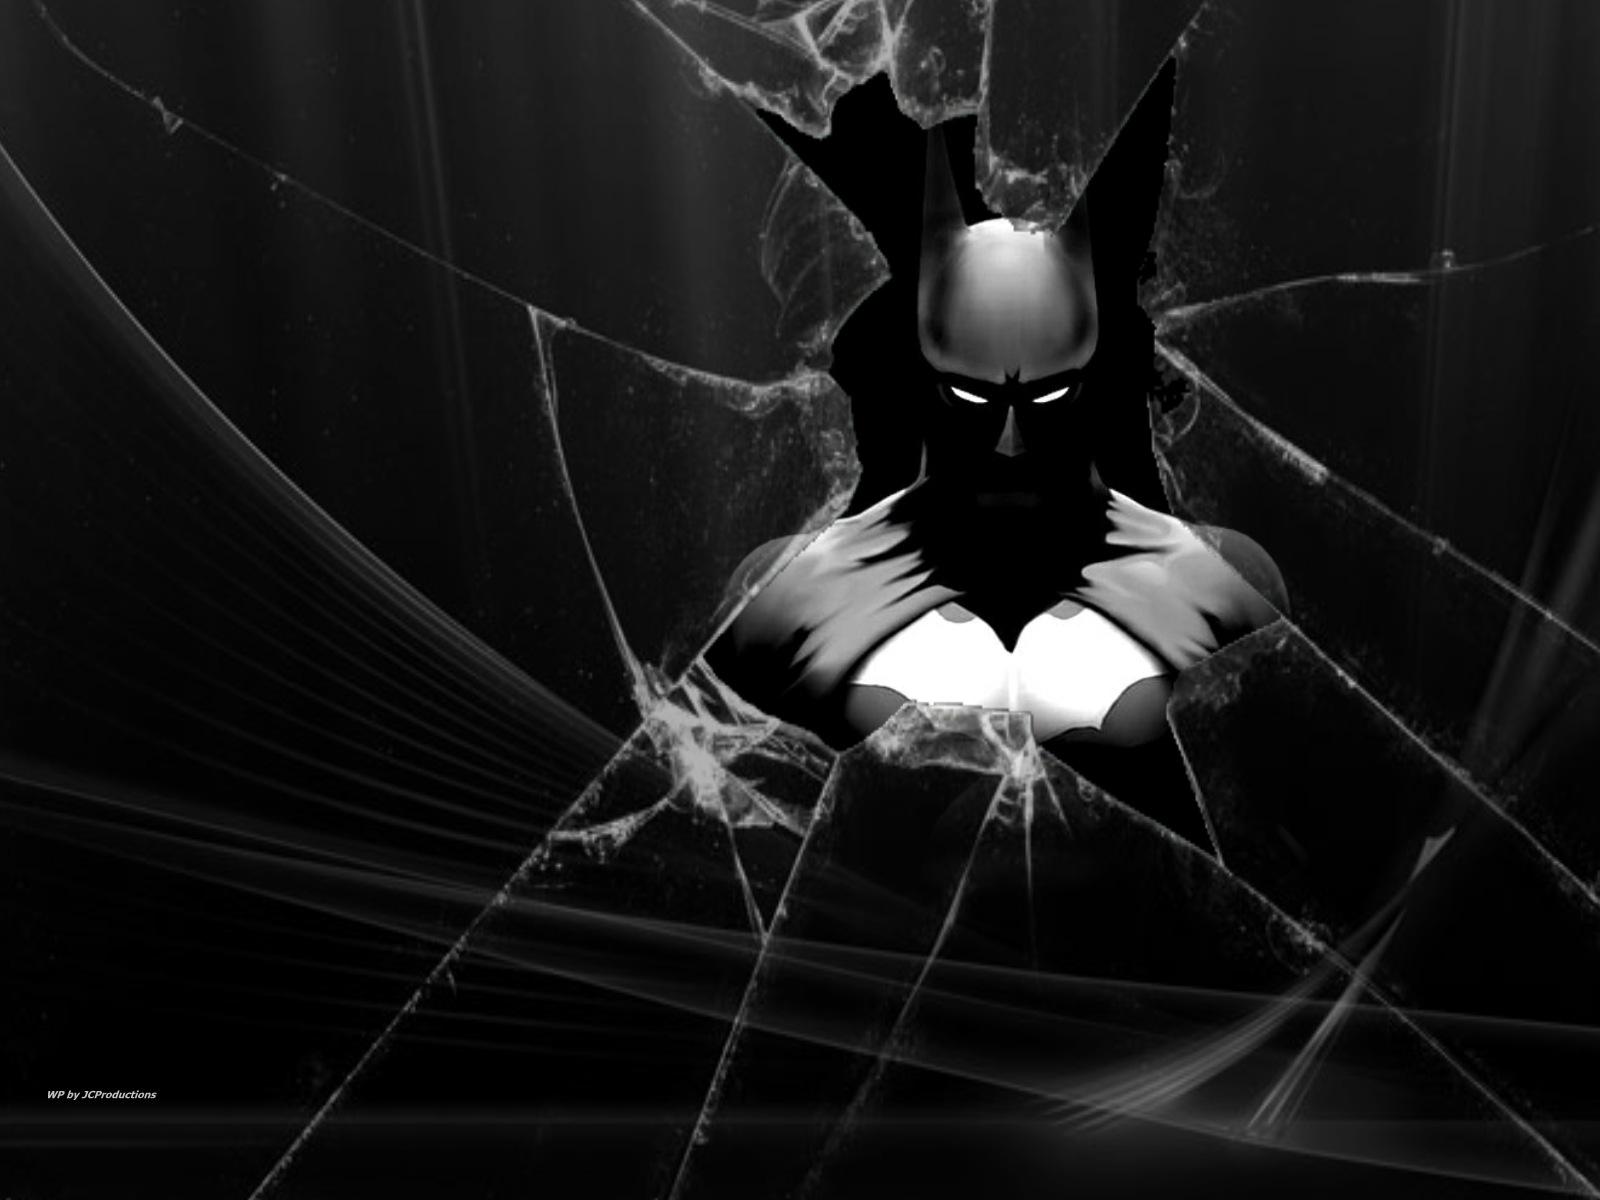 バットマンと割れたガラスの壁紙